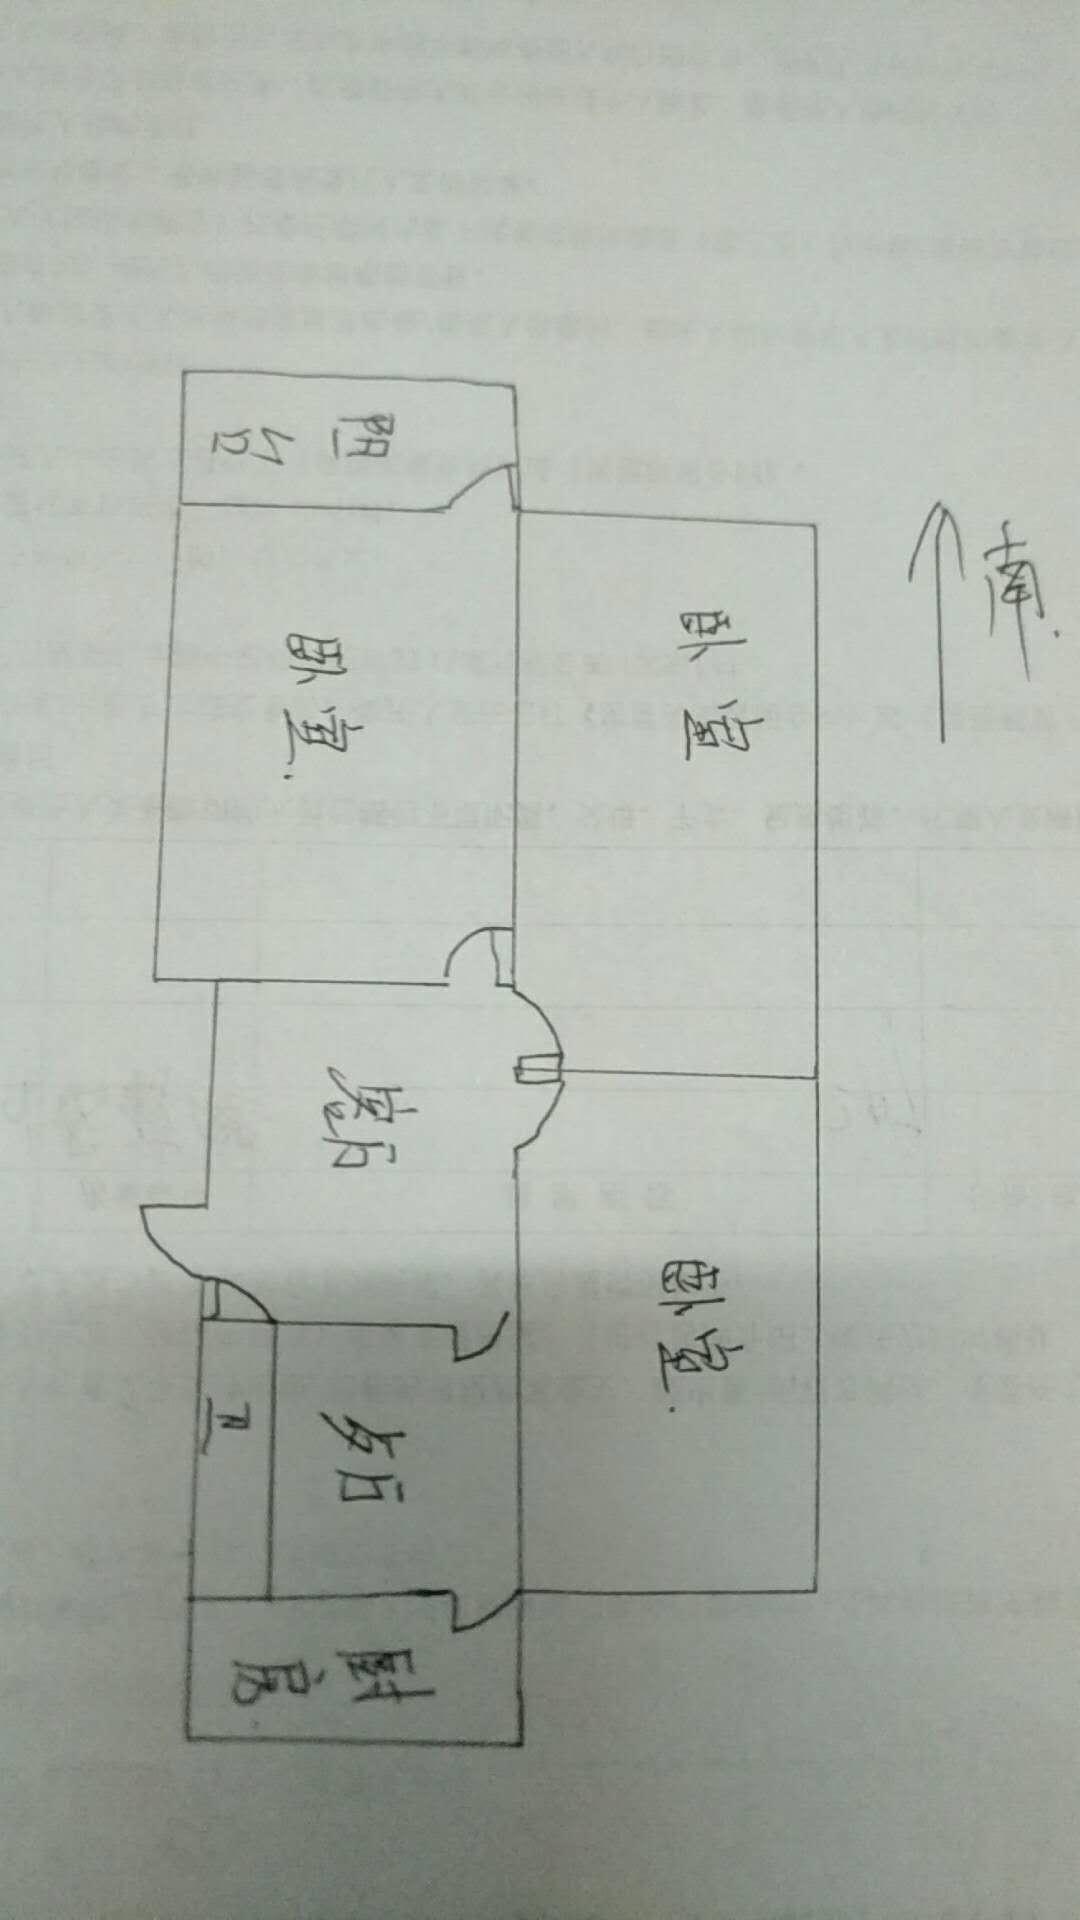 工商银行宿舍 3室1厅  简装 52万